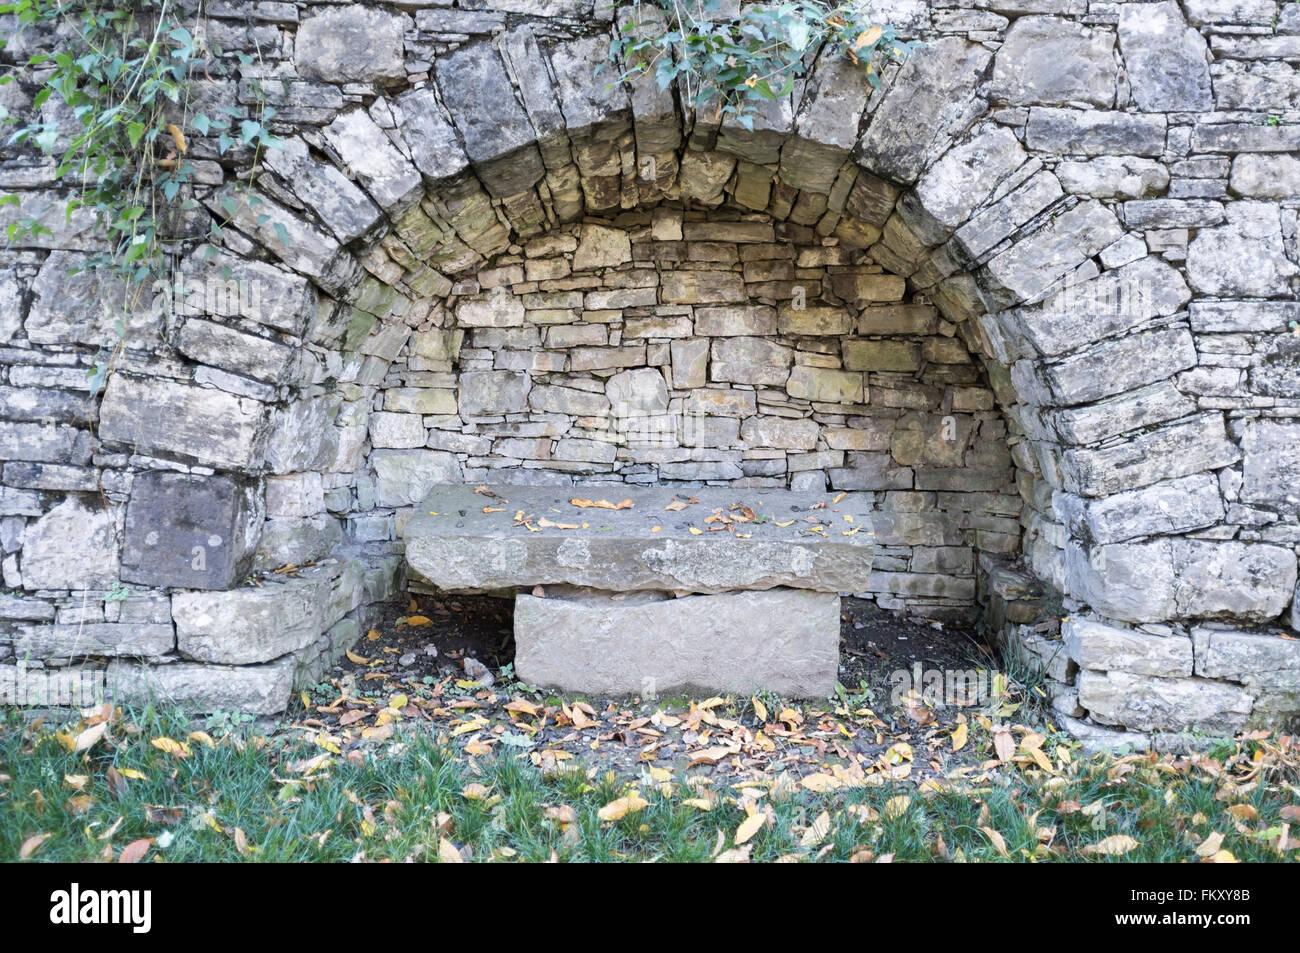 Arc Bench Stone In Public Park, Città Alta, Bergamo,Lombardy,Italy.